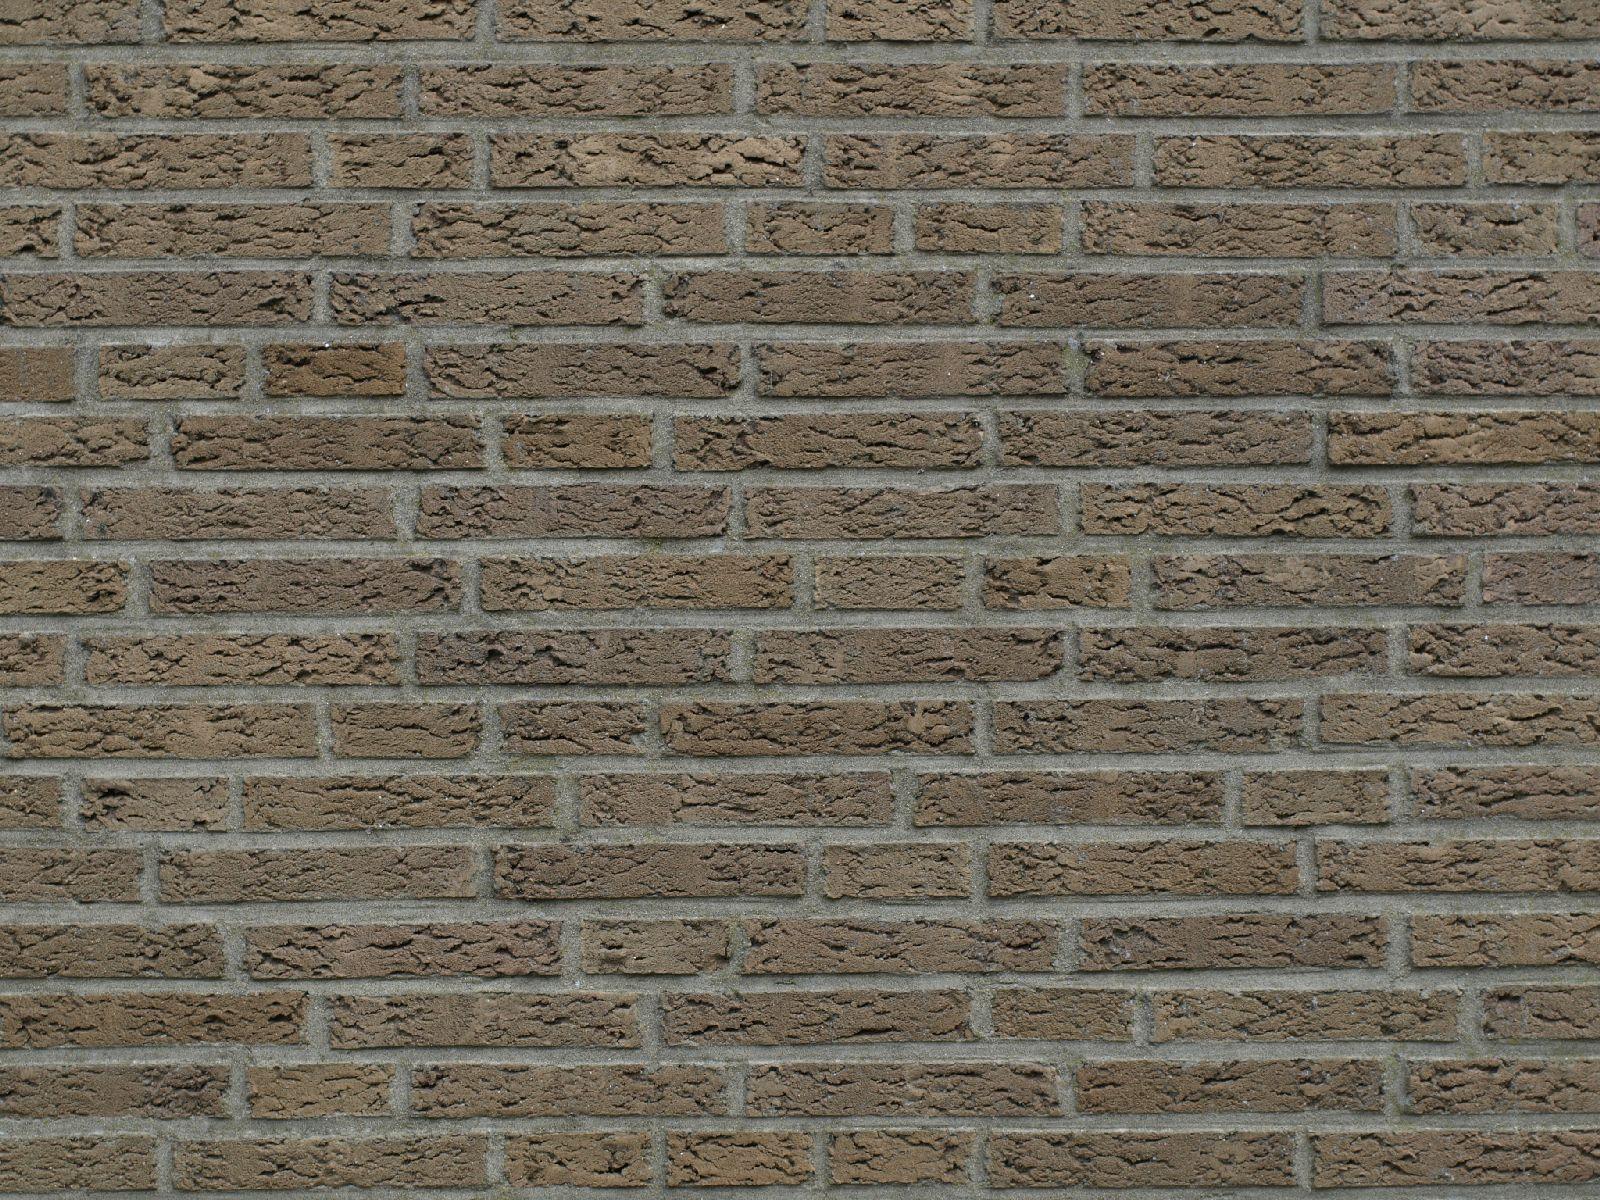 Brick_Texture_A_P5232914